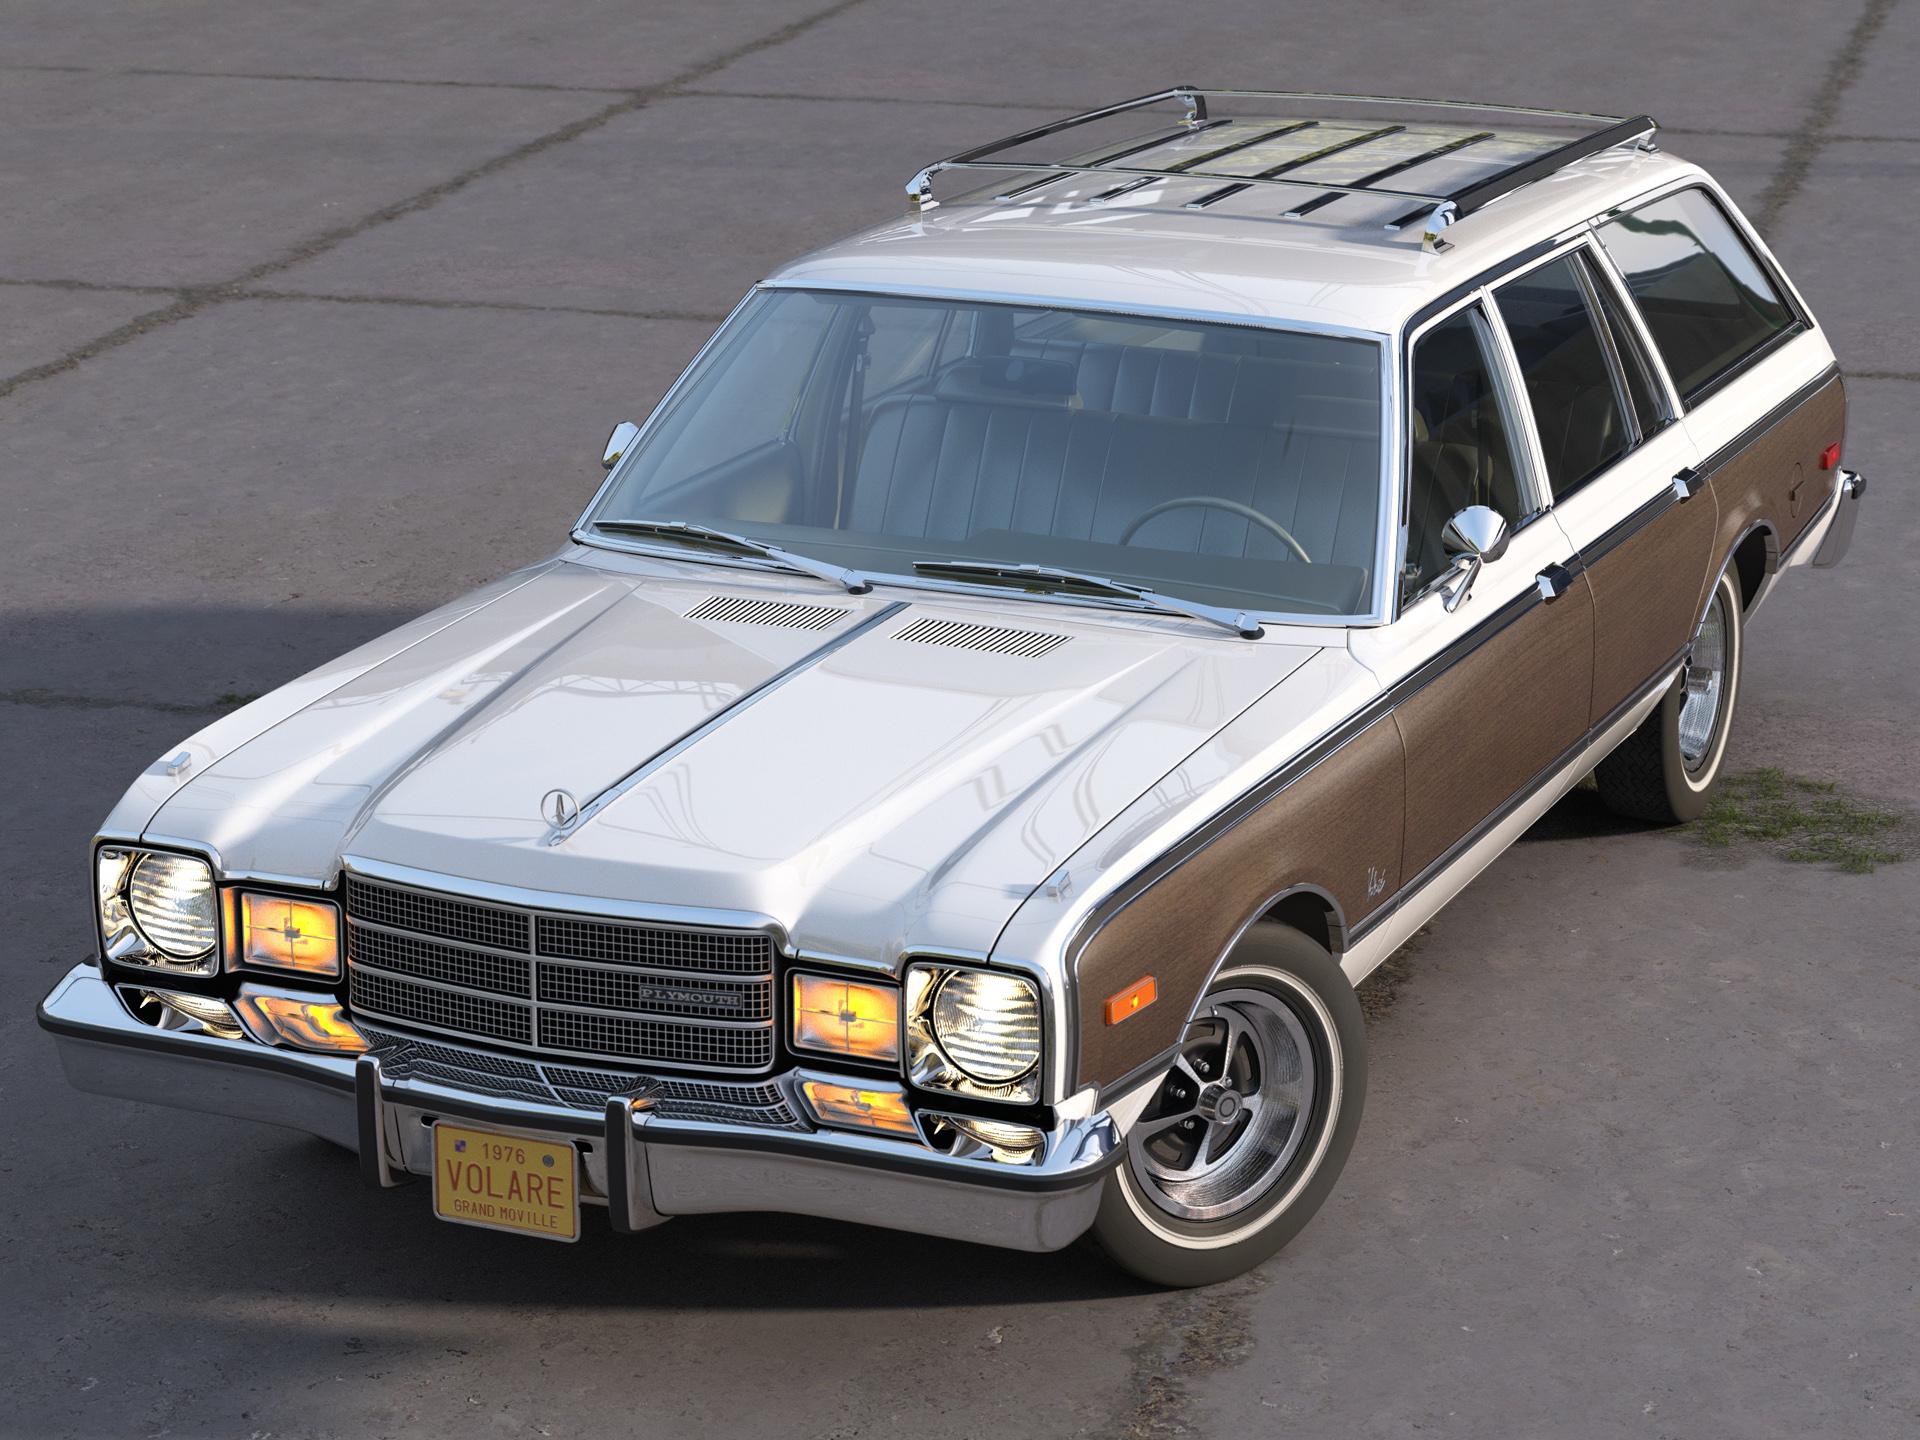 plymouth volare wagon 1976 3d modelis 3ds max fbx c4d obj 277767